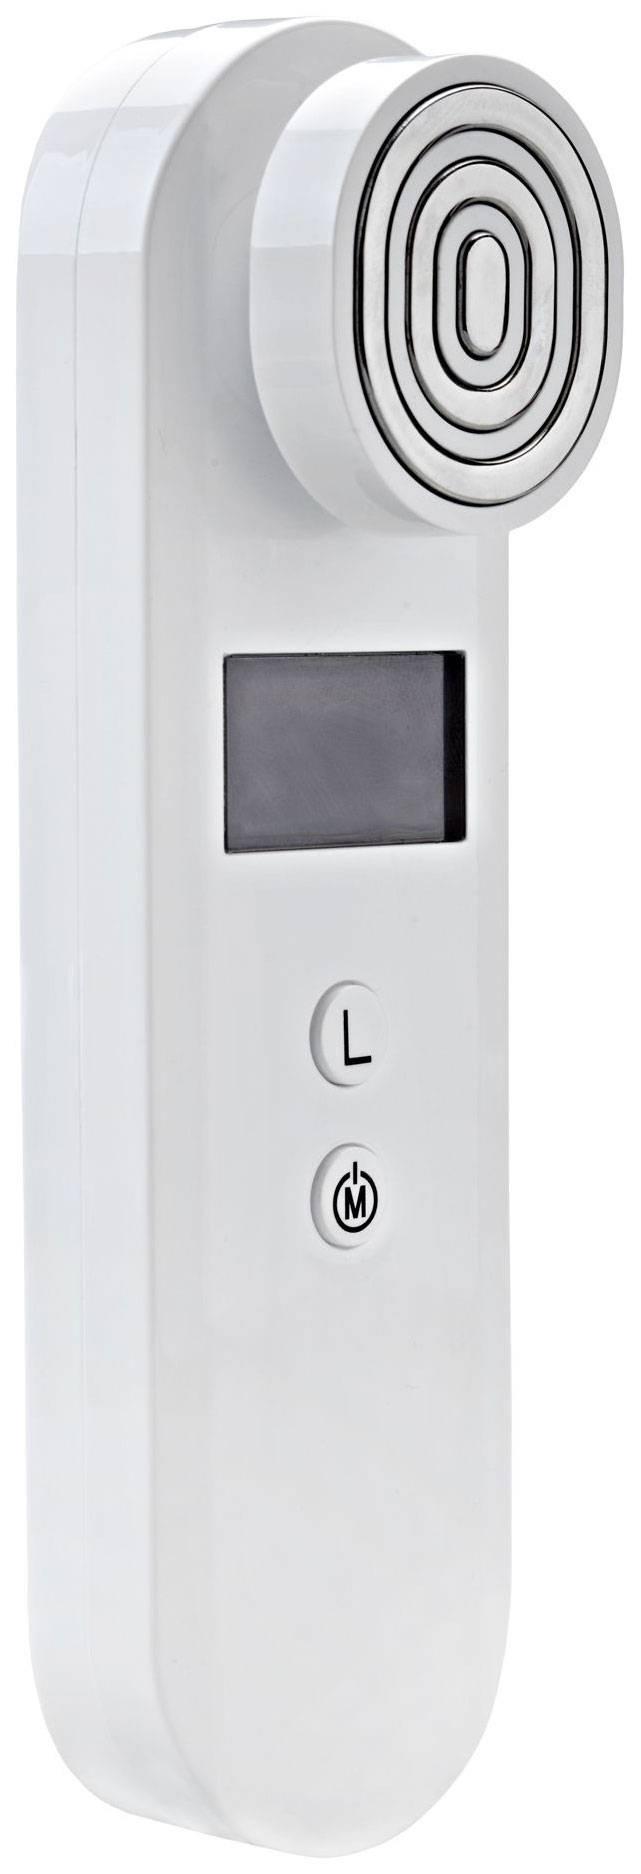 Аппараты для rf-лифтинга в домашних условиях: как выбрать лучший